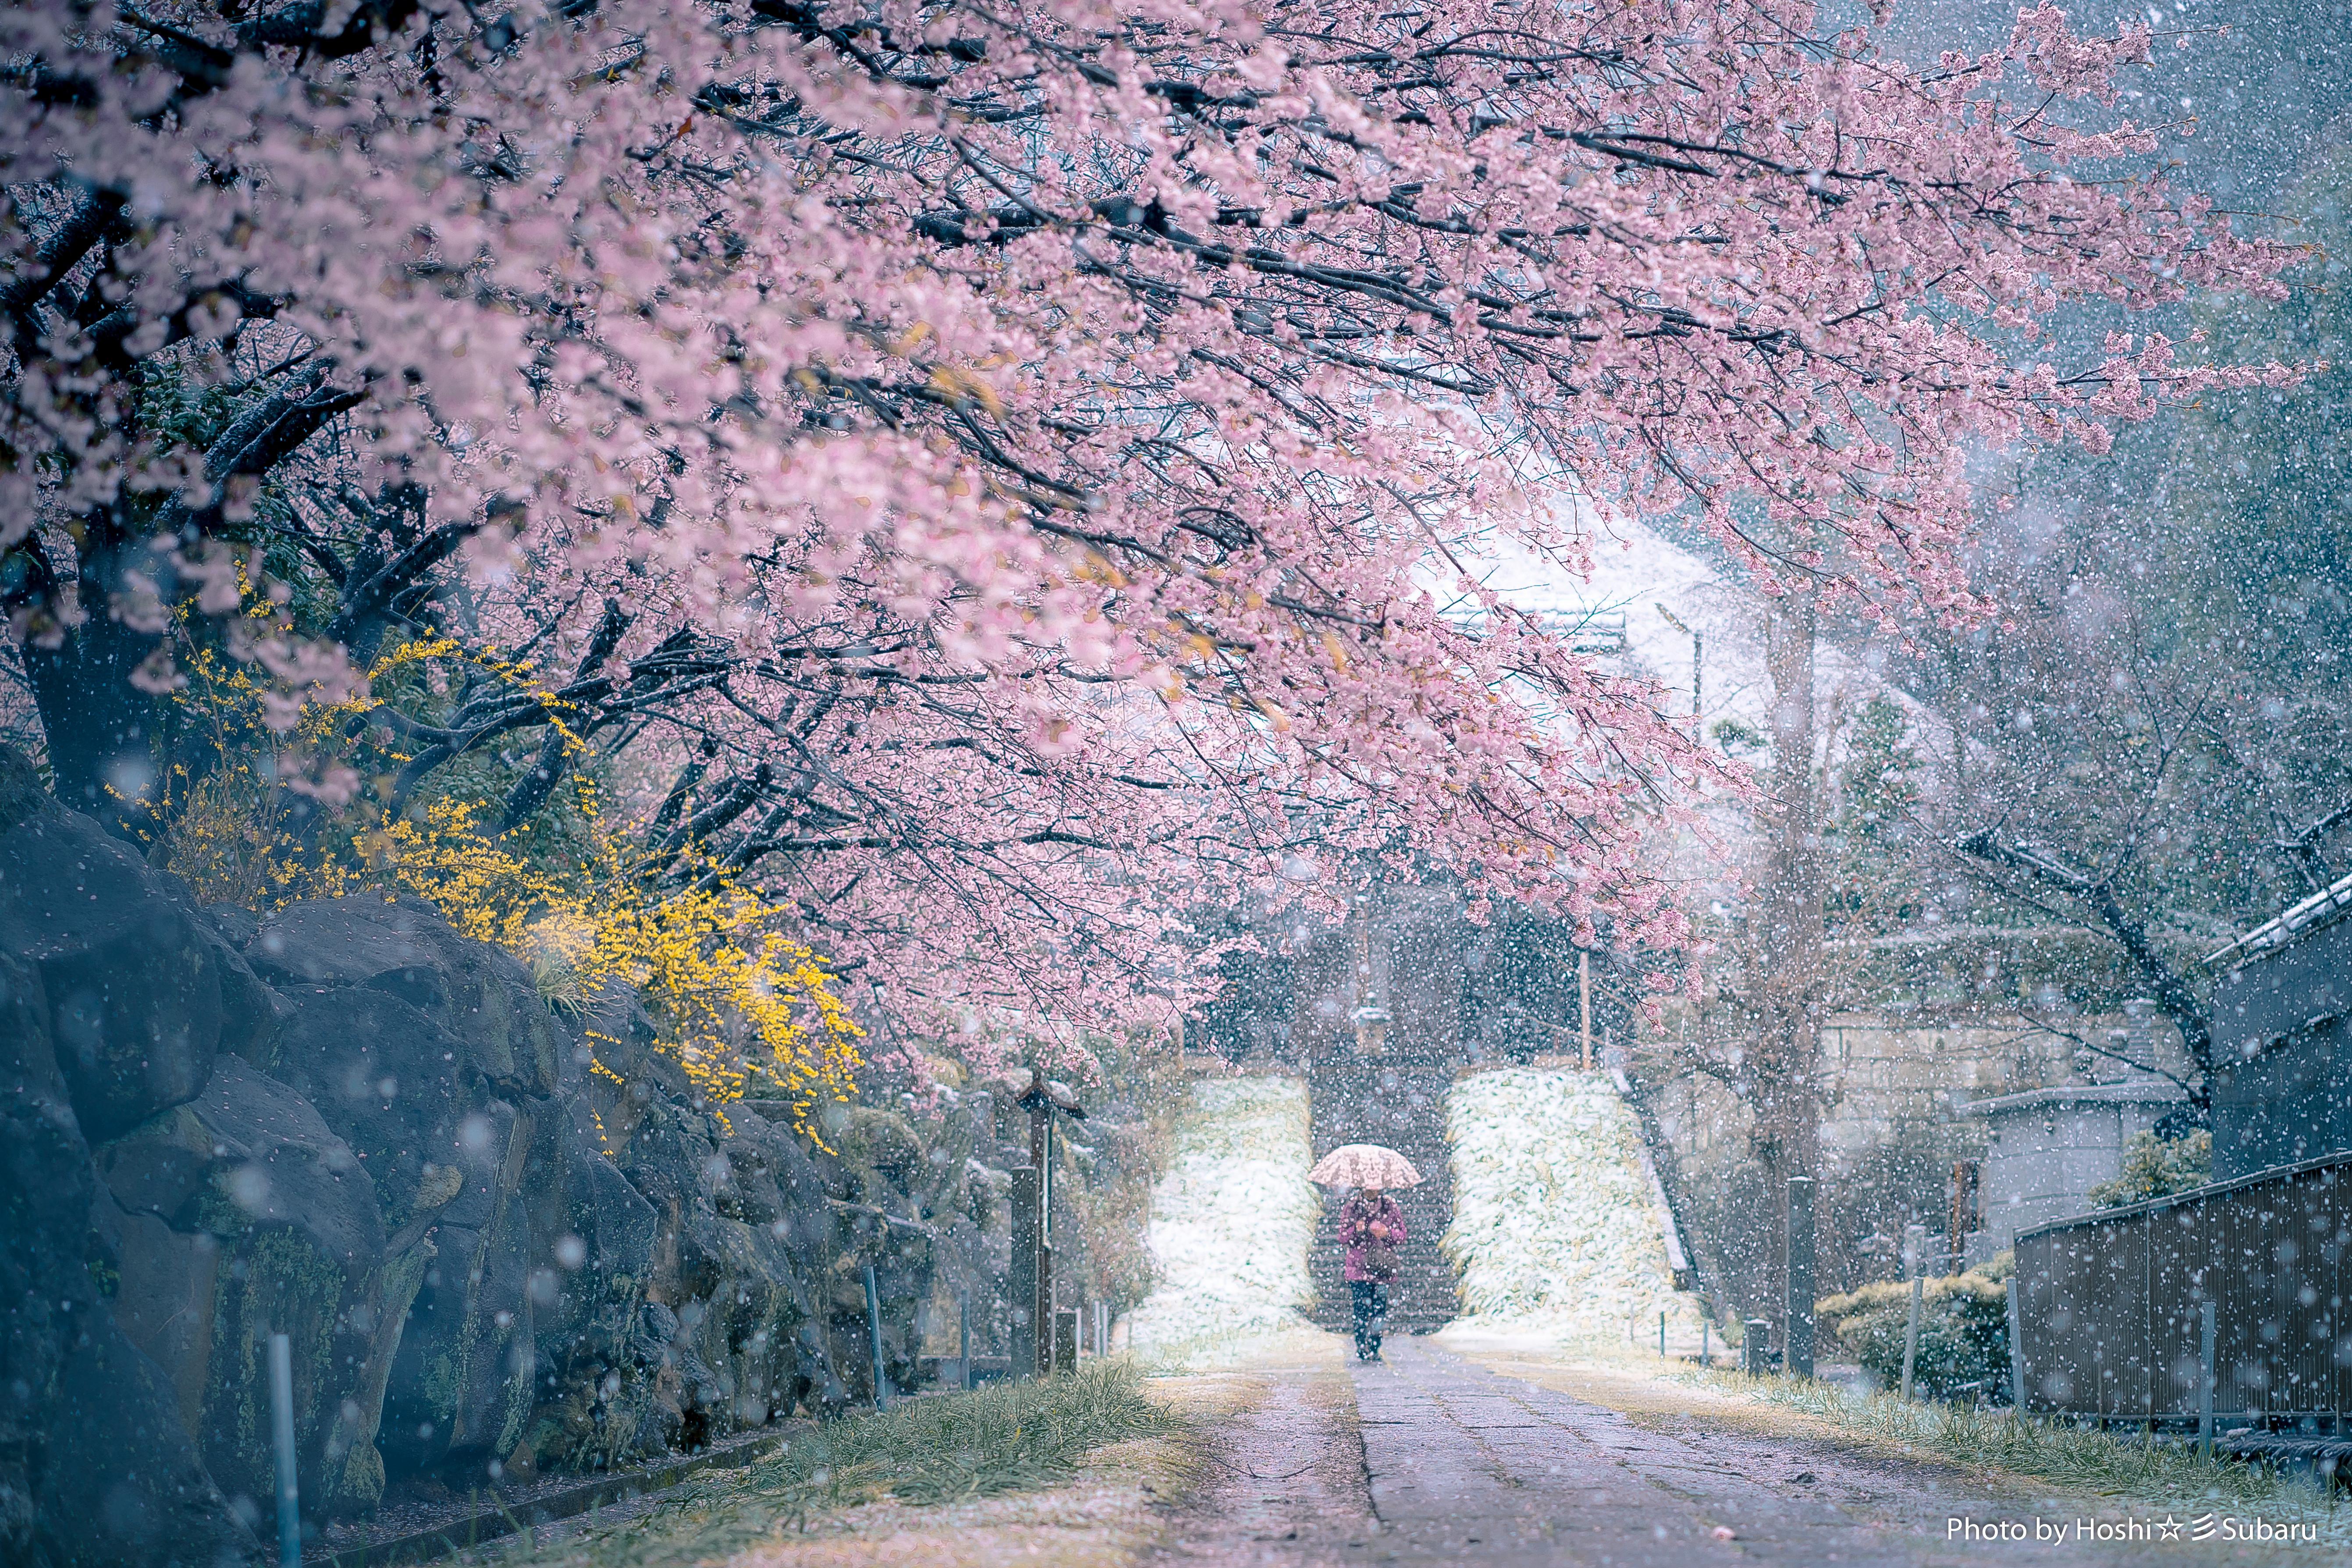 フォトコンテスト「桜」2018彩時記賞